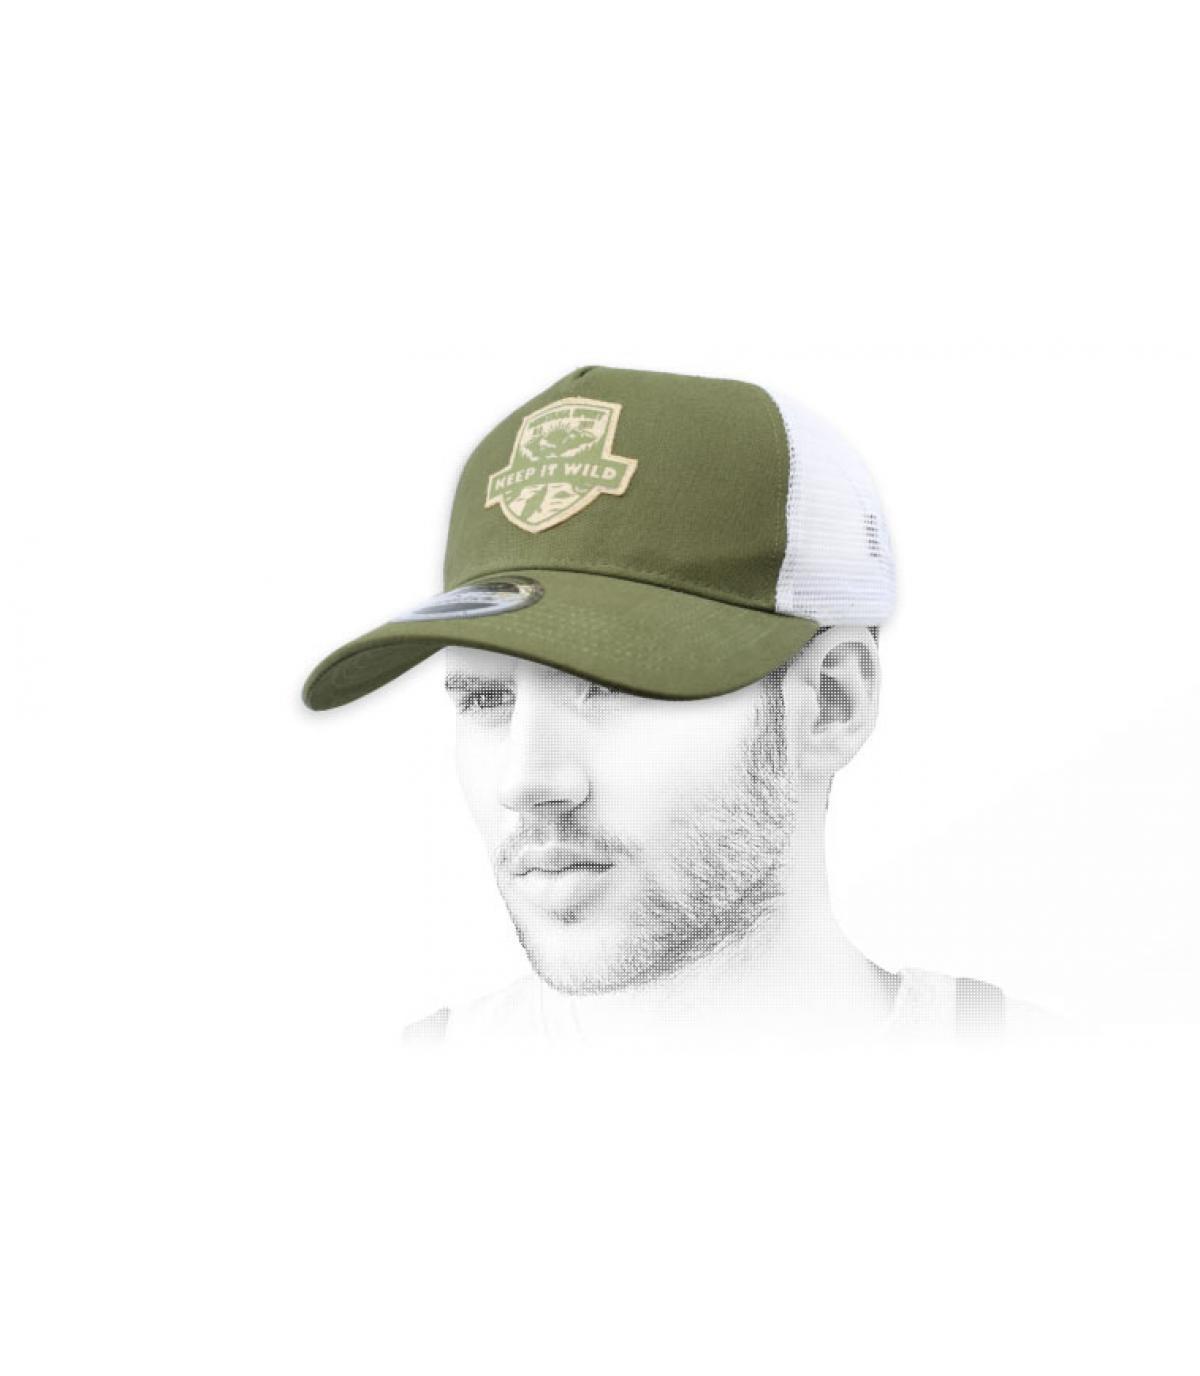 green Wild trucker